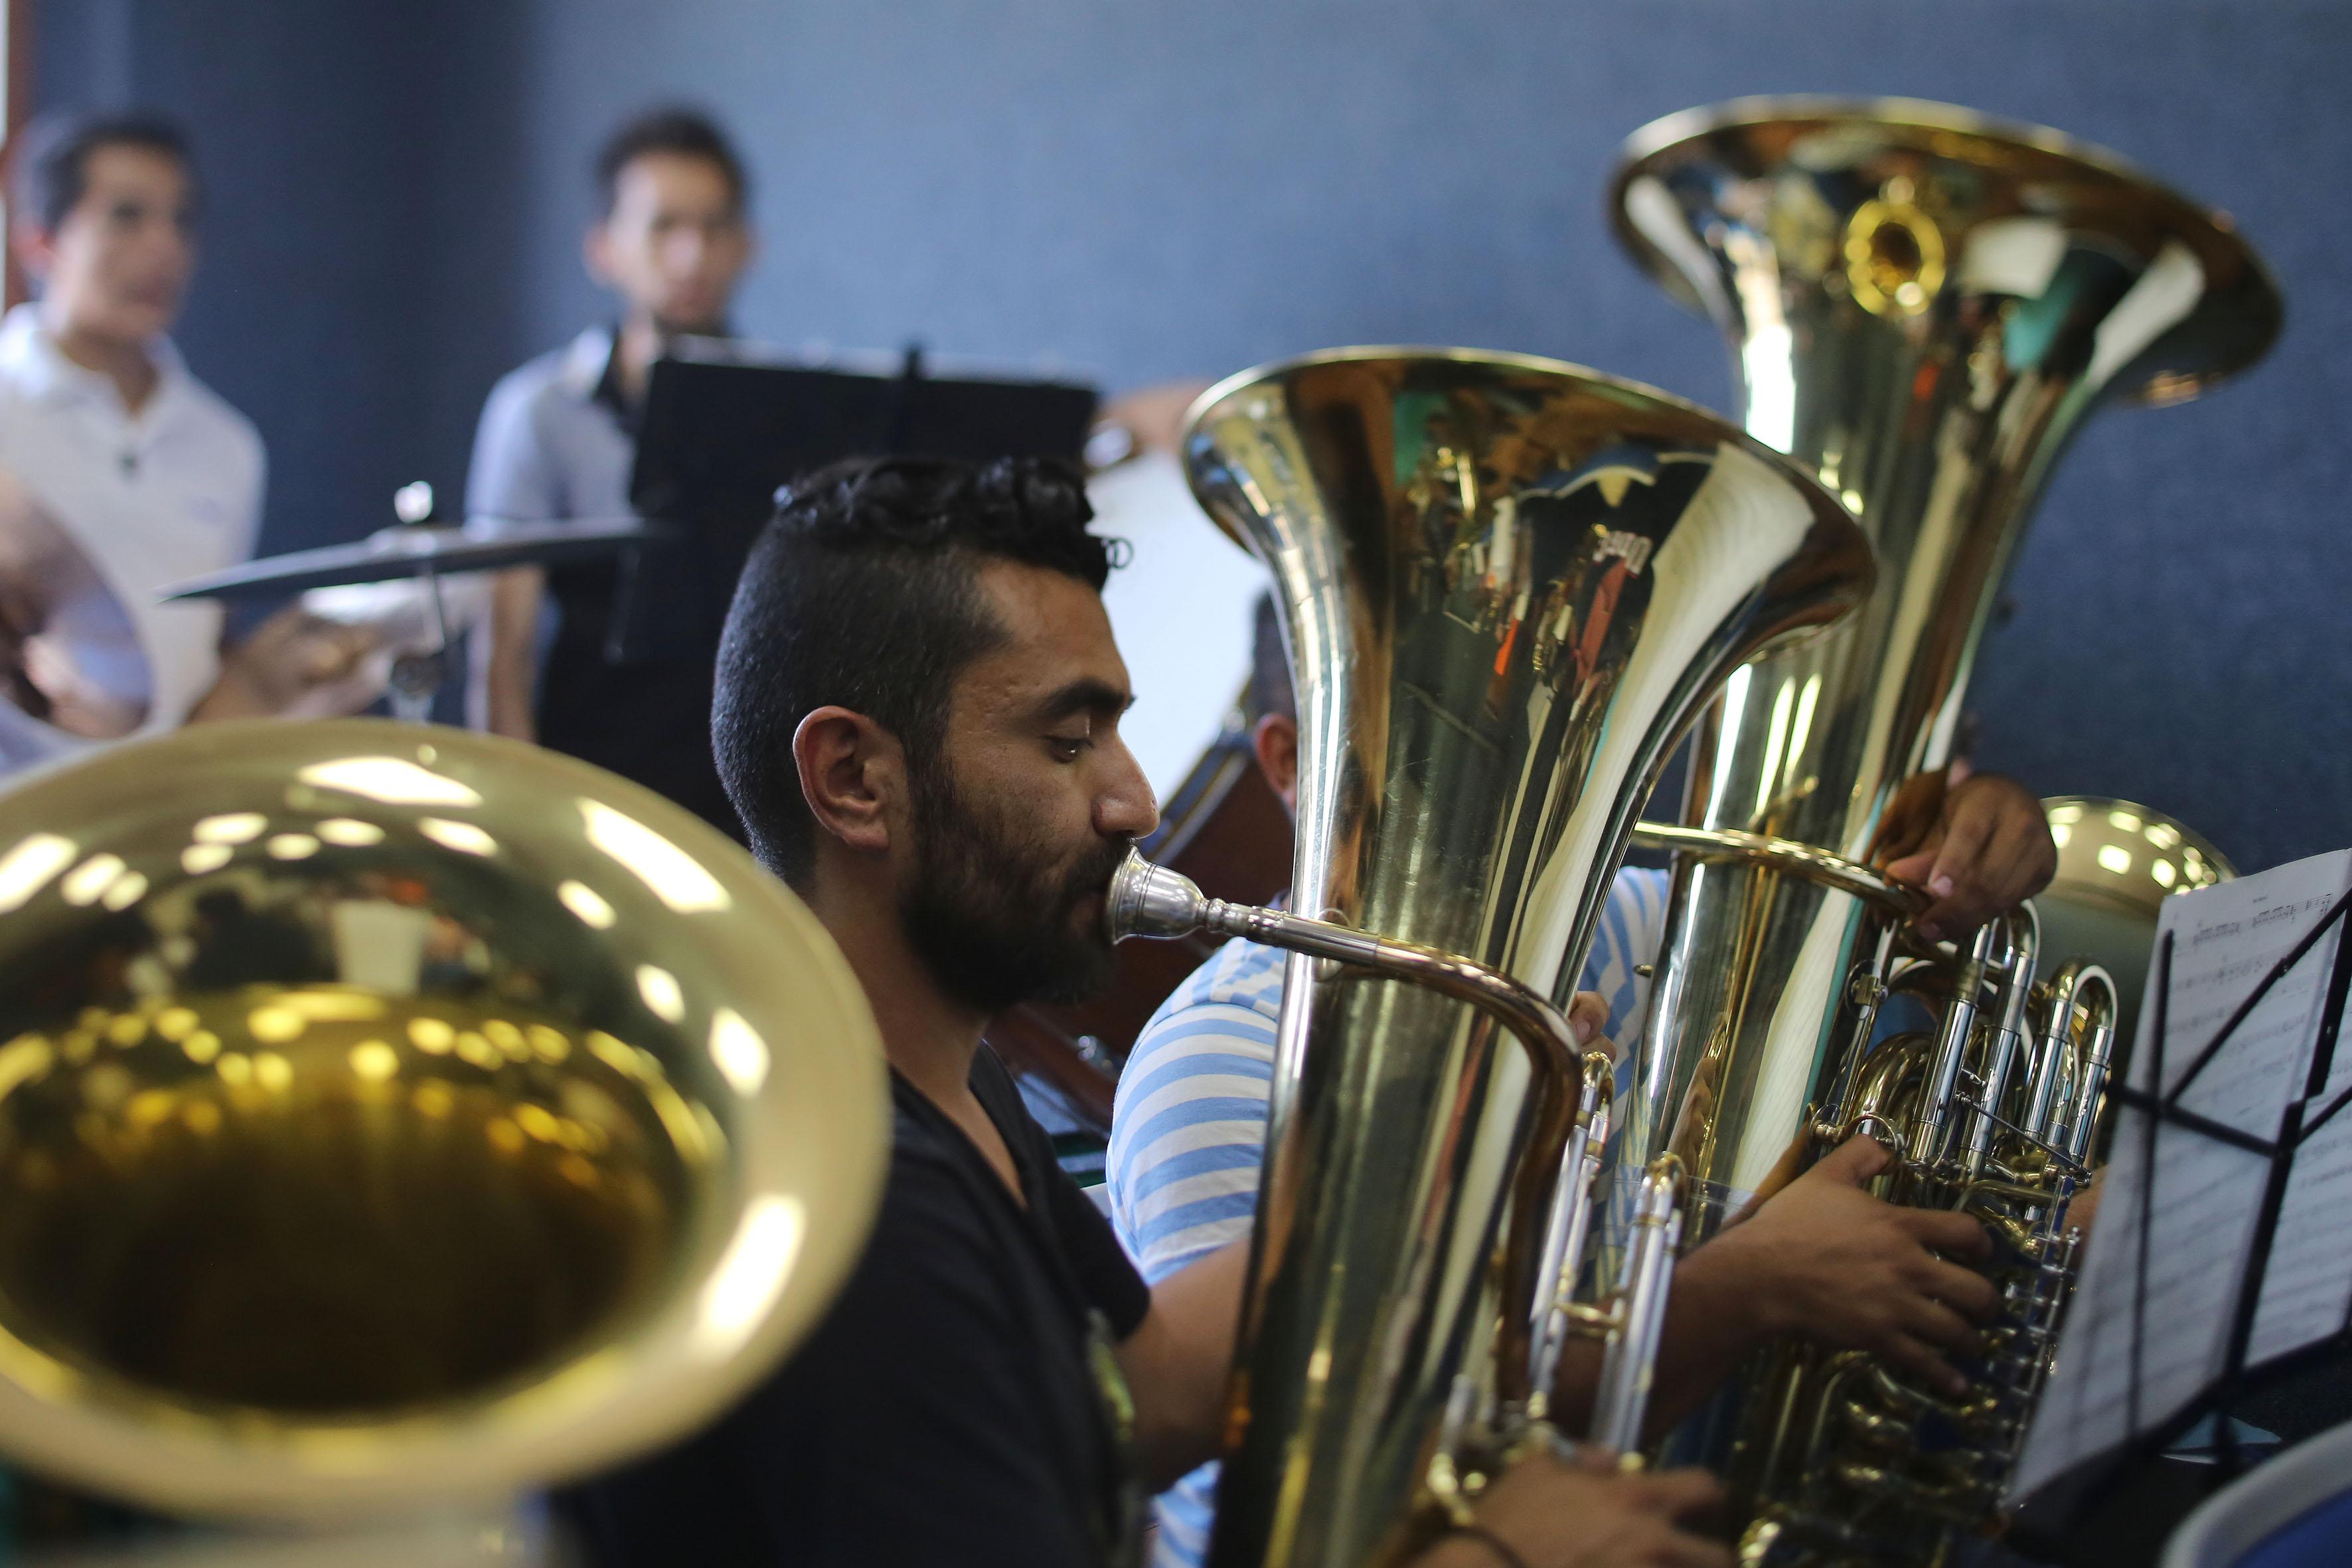 Banda sinfónica de la UdeG, realizando un ensayo.